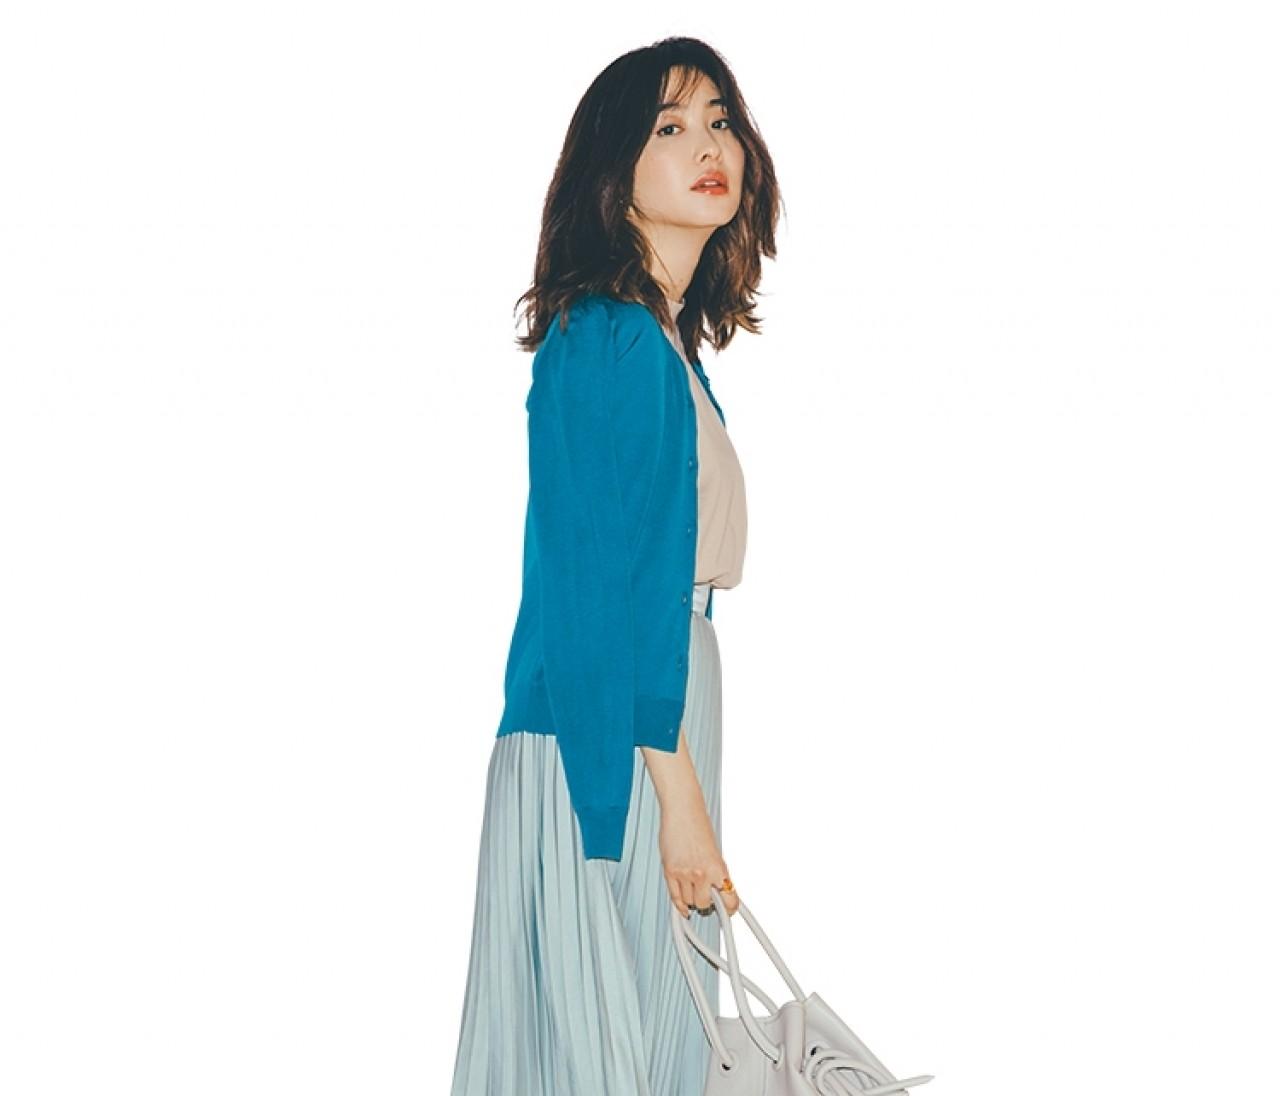 彼とご飯を食べる休日は、揺れスカートの清涼感スタイル♡【2019/8/31のコーデ】